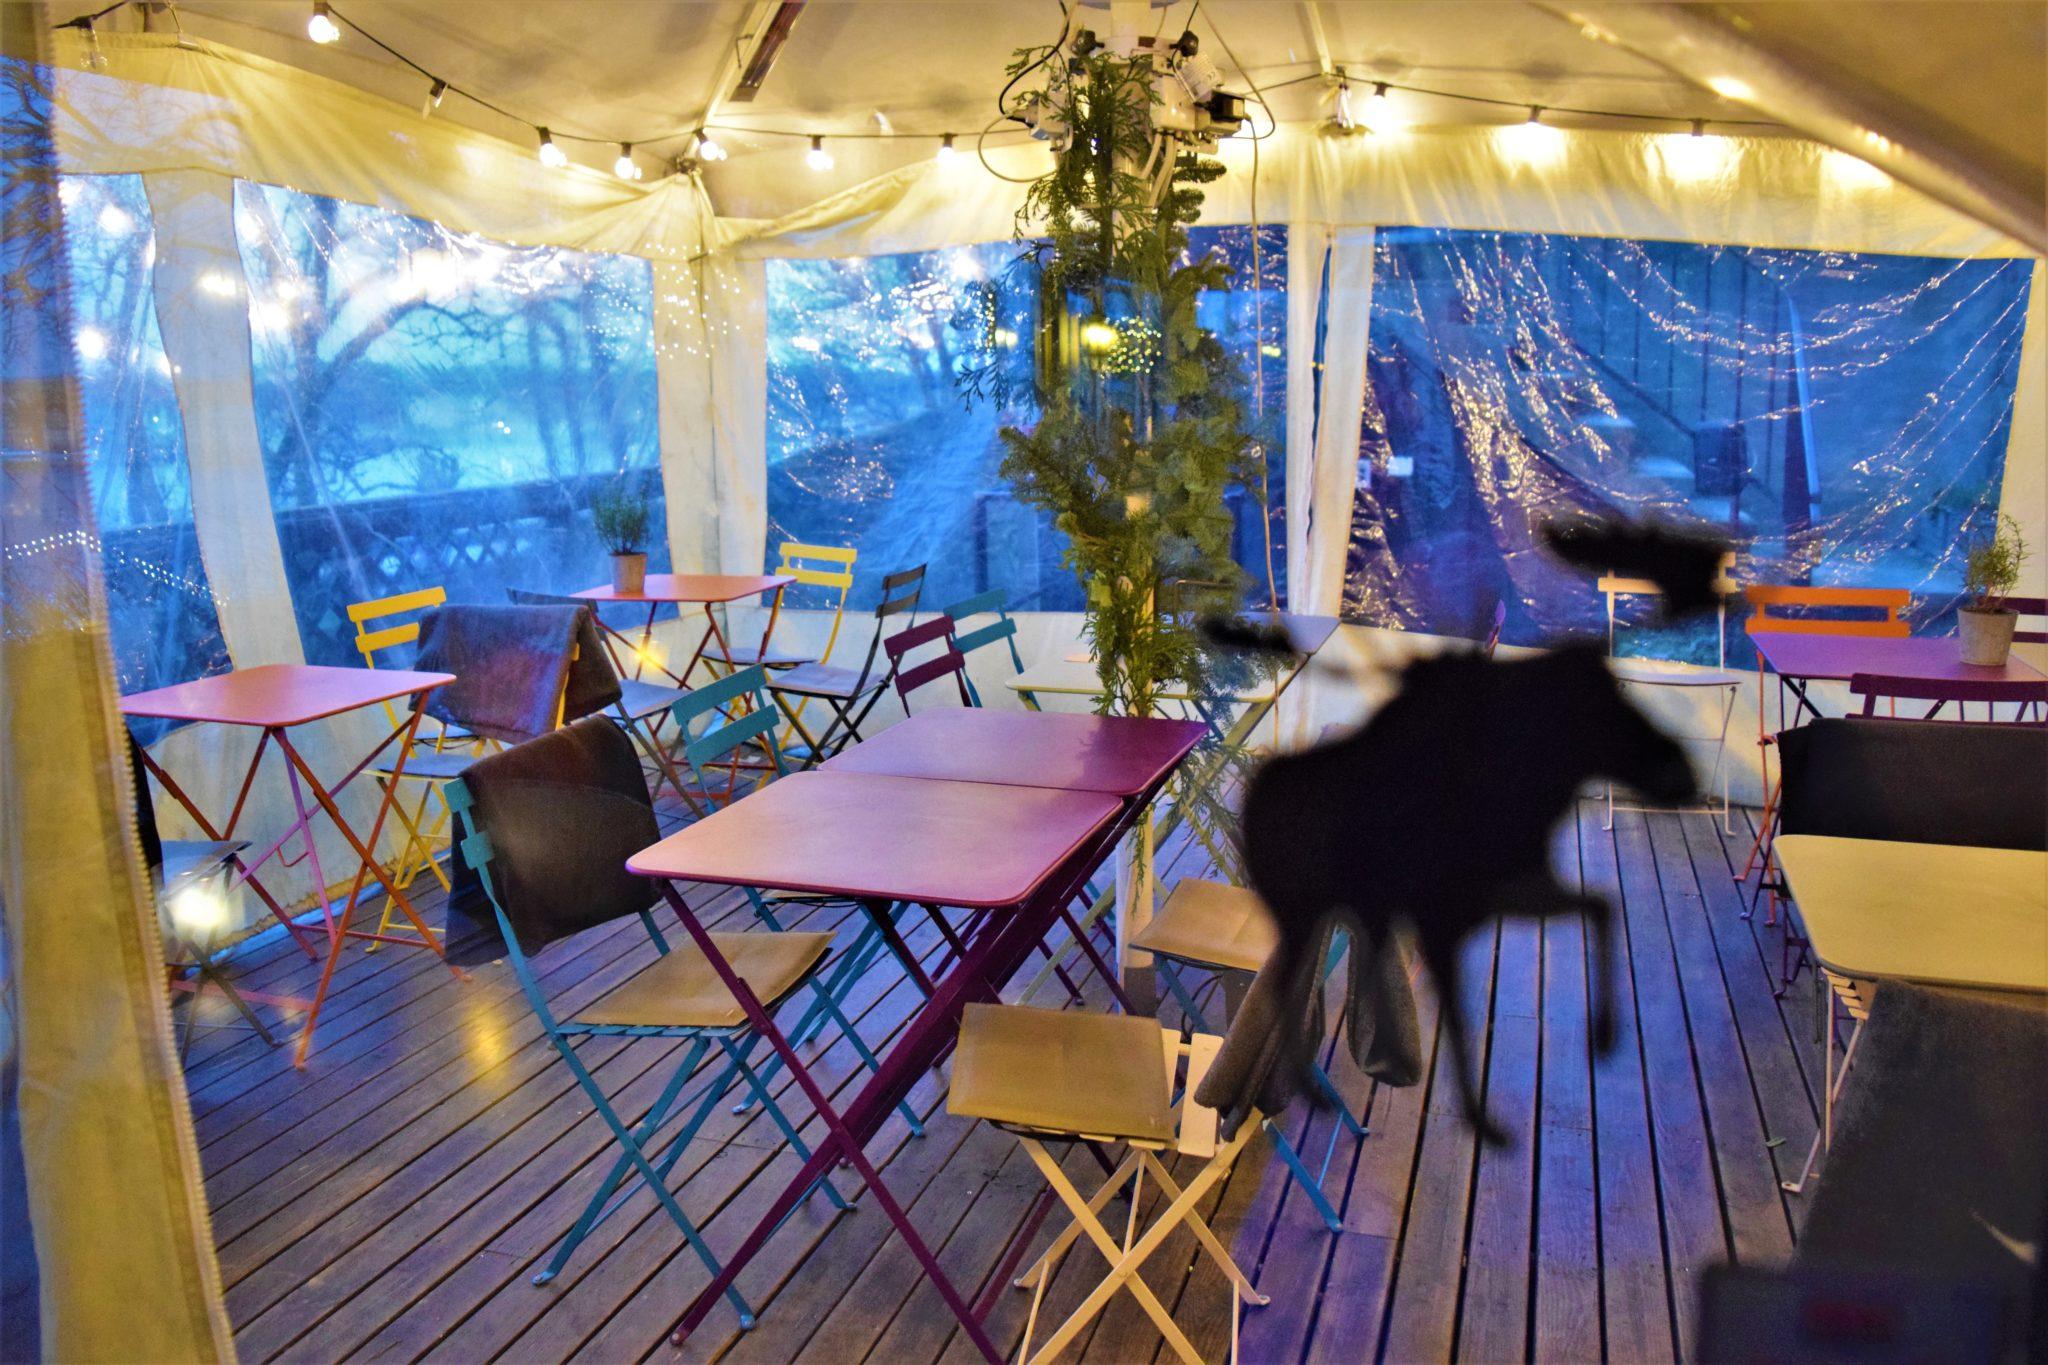 Outdoor seating area, Hermans vegan buffet, stockholm, sweden